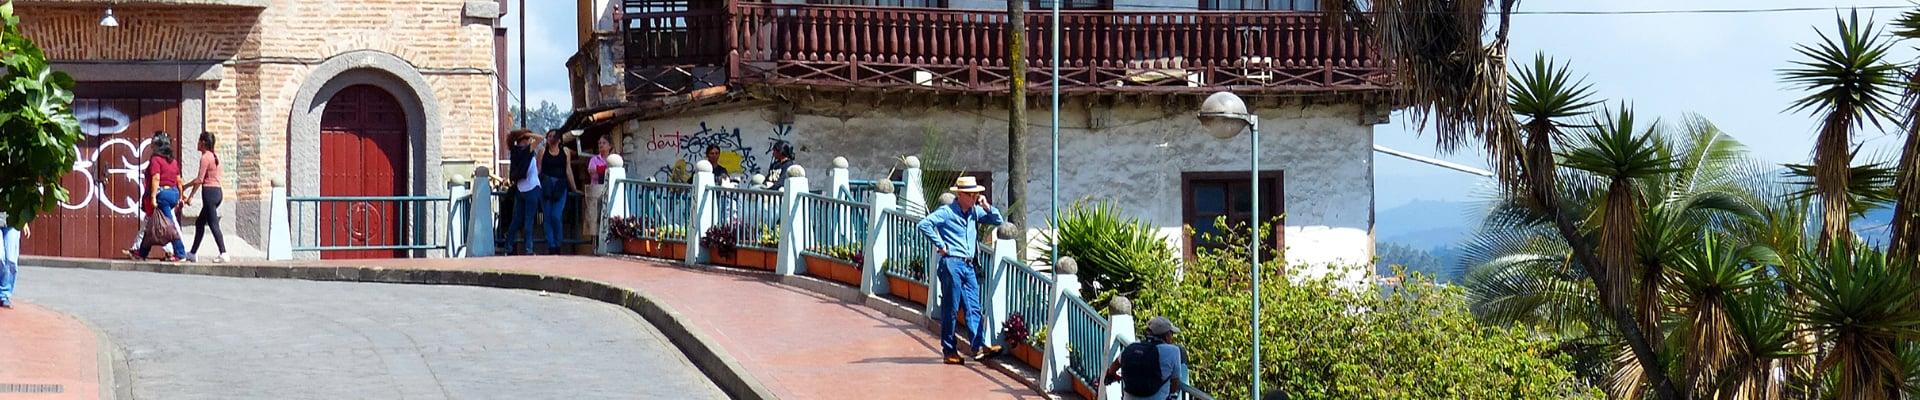 Street Tres de Noveimbre in Cuenca, Ecuador